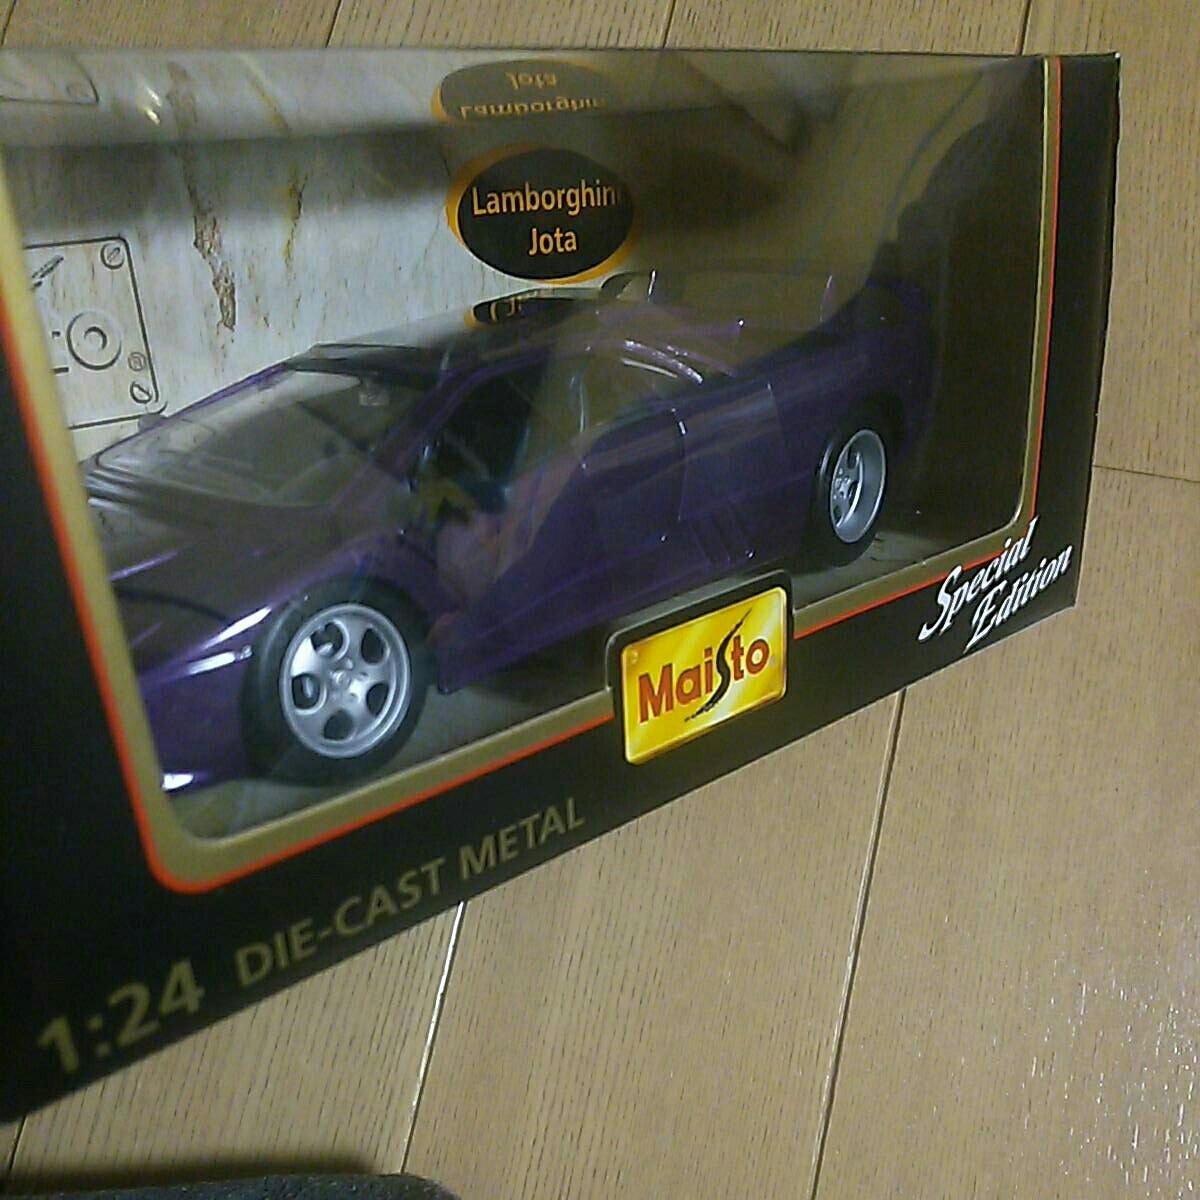 マイスト『1:24 ランボルギーニ イオタ』未開封 未使用品 ダイキャスト Maisto Lamborghini Jota 1/24_画像4